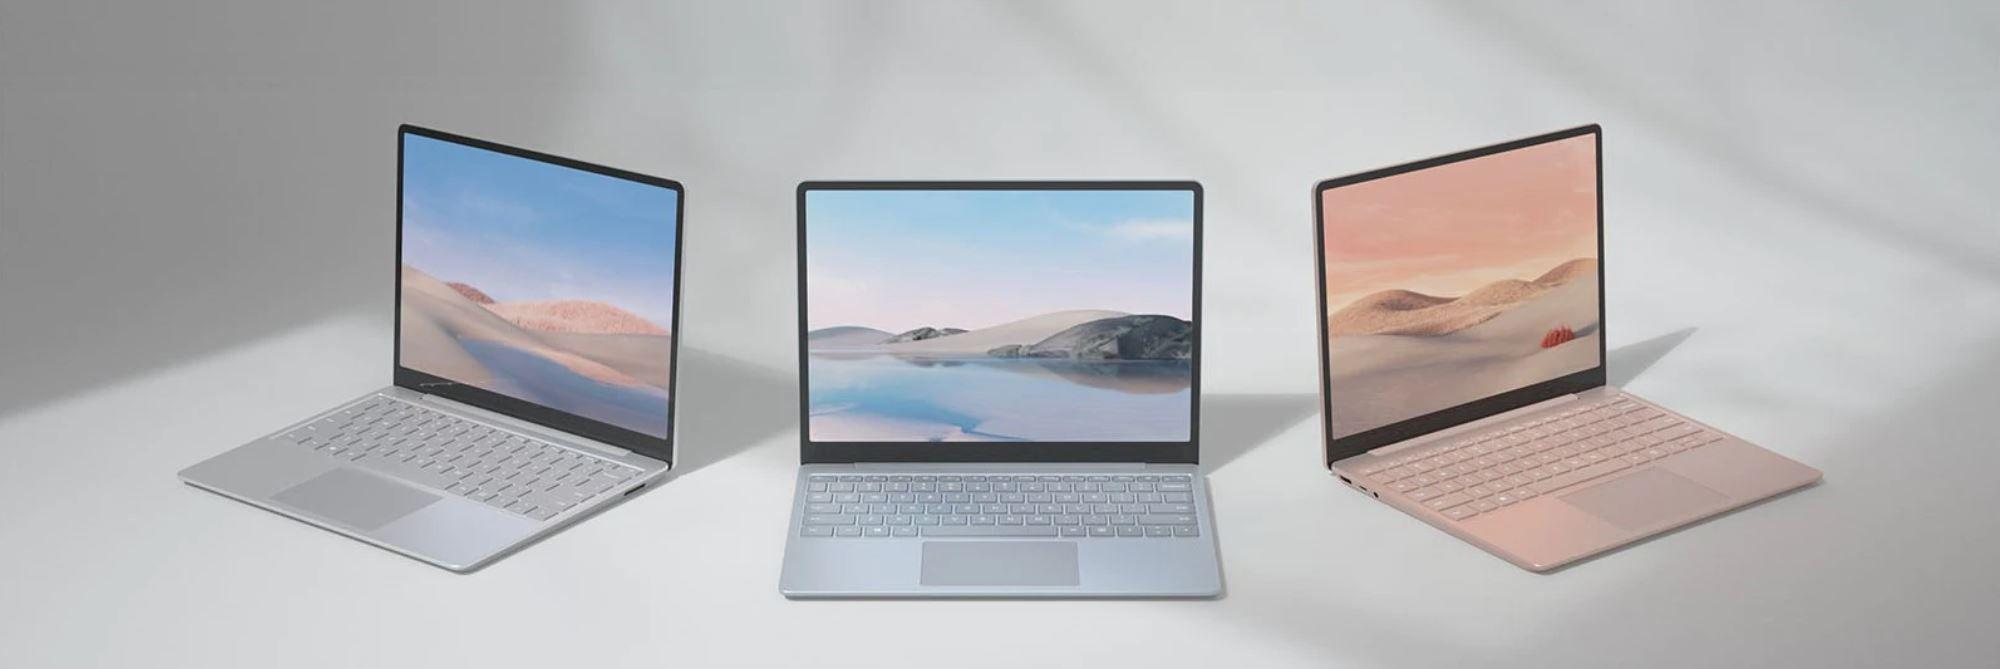 Drei Modelle des Surface Laptop Go in den Farben Platin, Eisblau und Sandstein